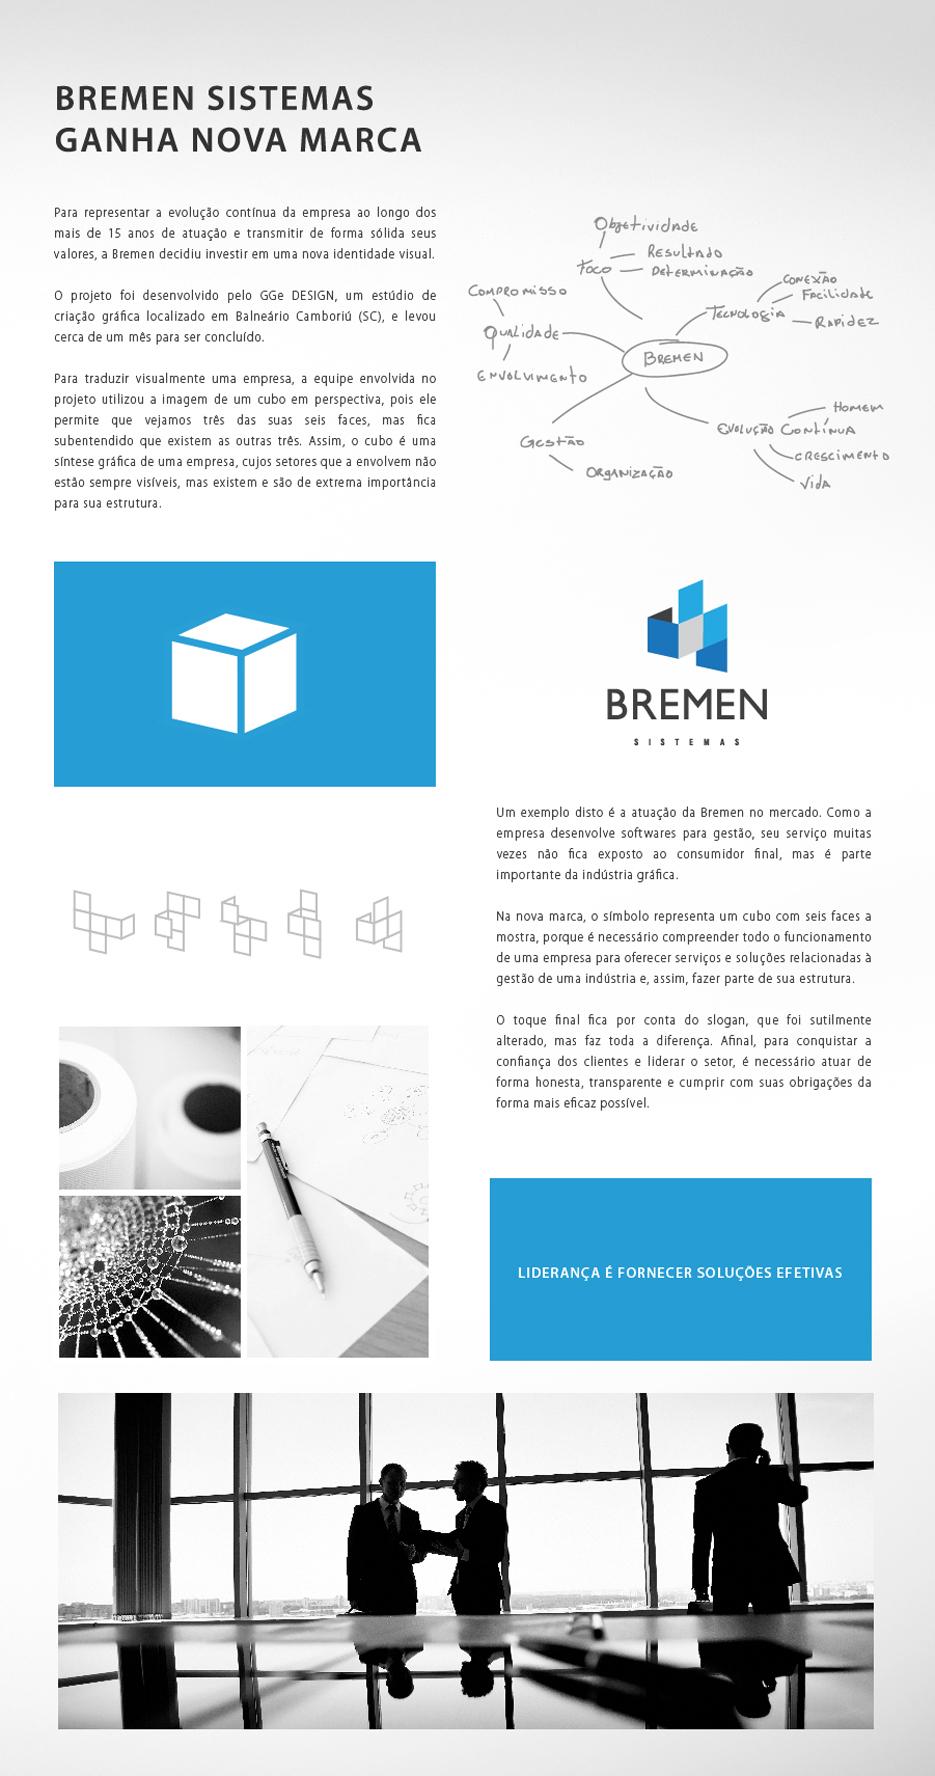 http://bremen.com.br/assets/dinamicos/imprensa/resumo_020_01.jpg?_dc=190918063958